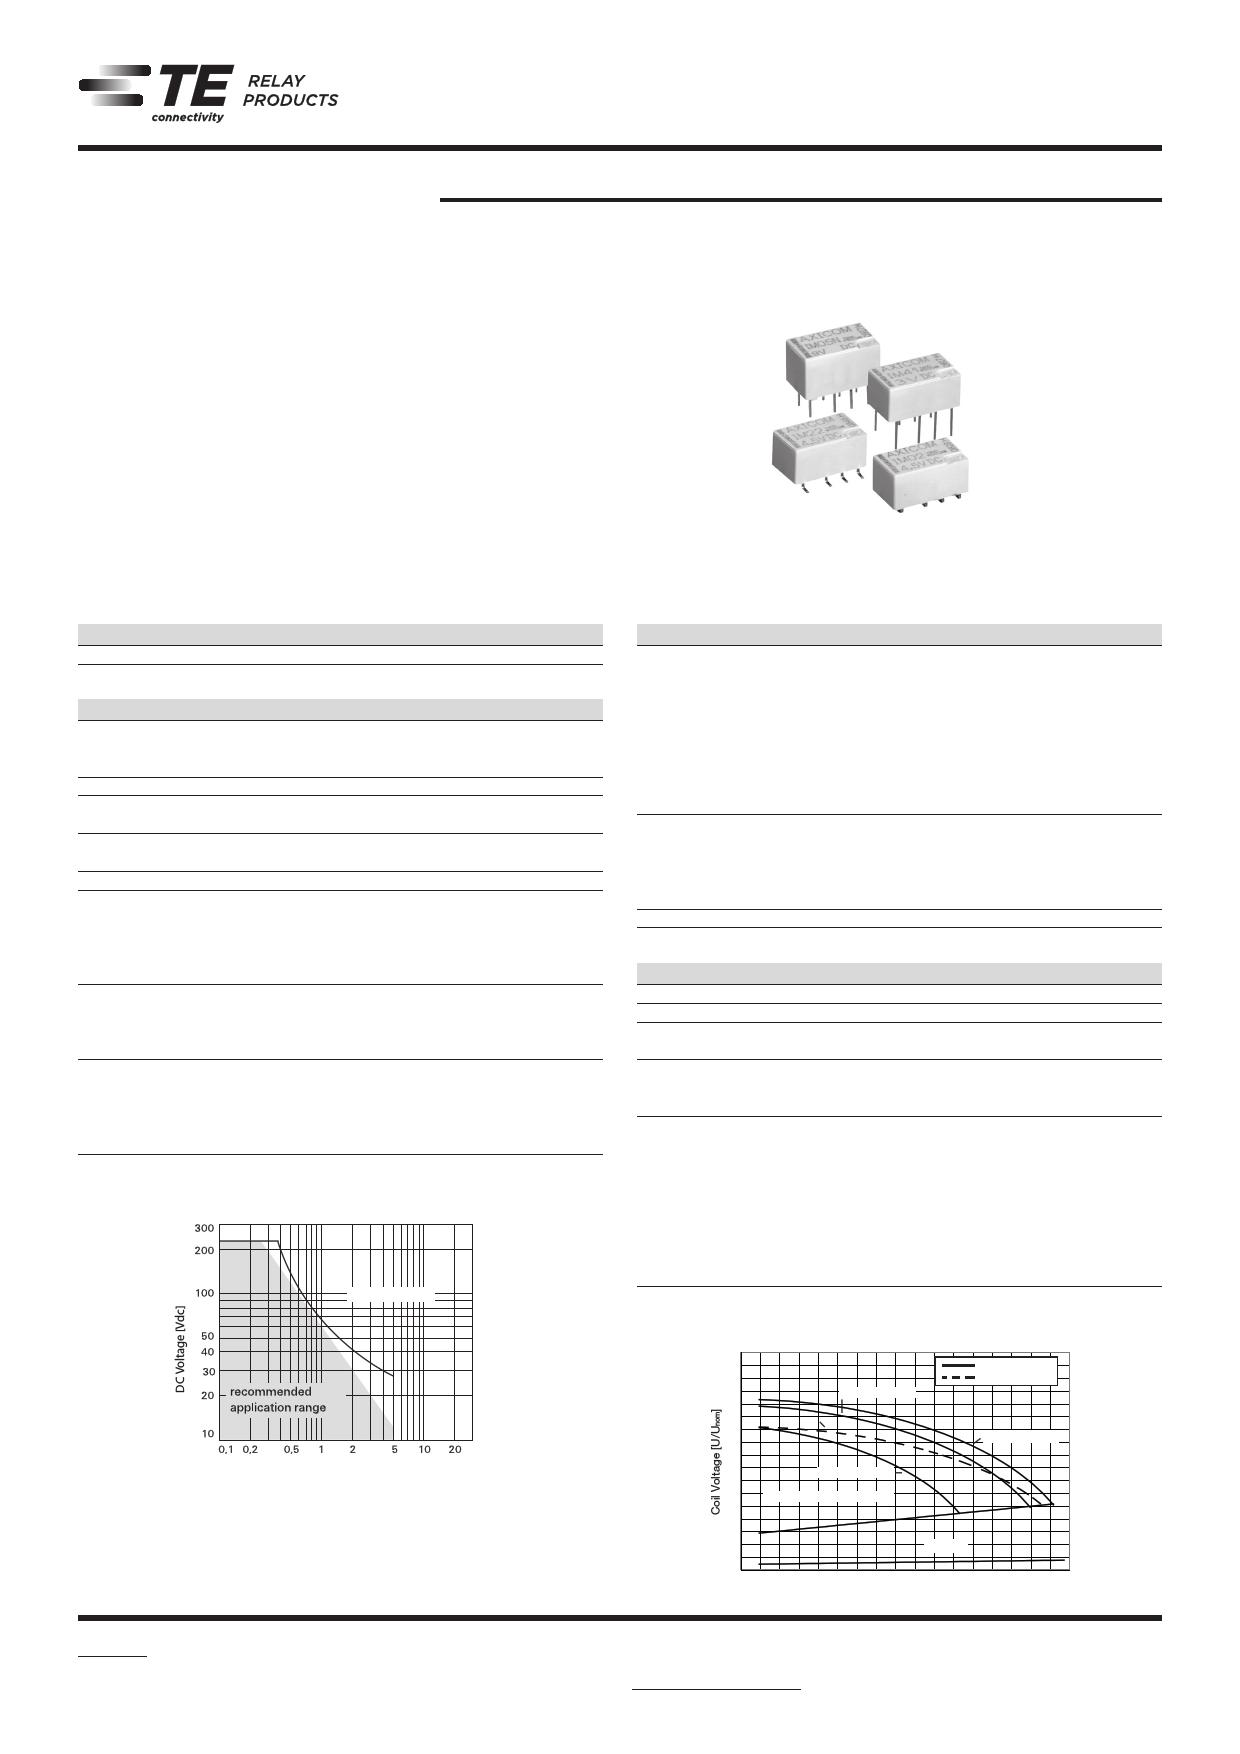 4-1462039-1 데이터시트 및 4-1462039-1 PDF